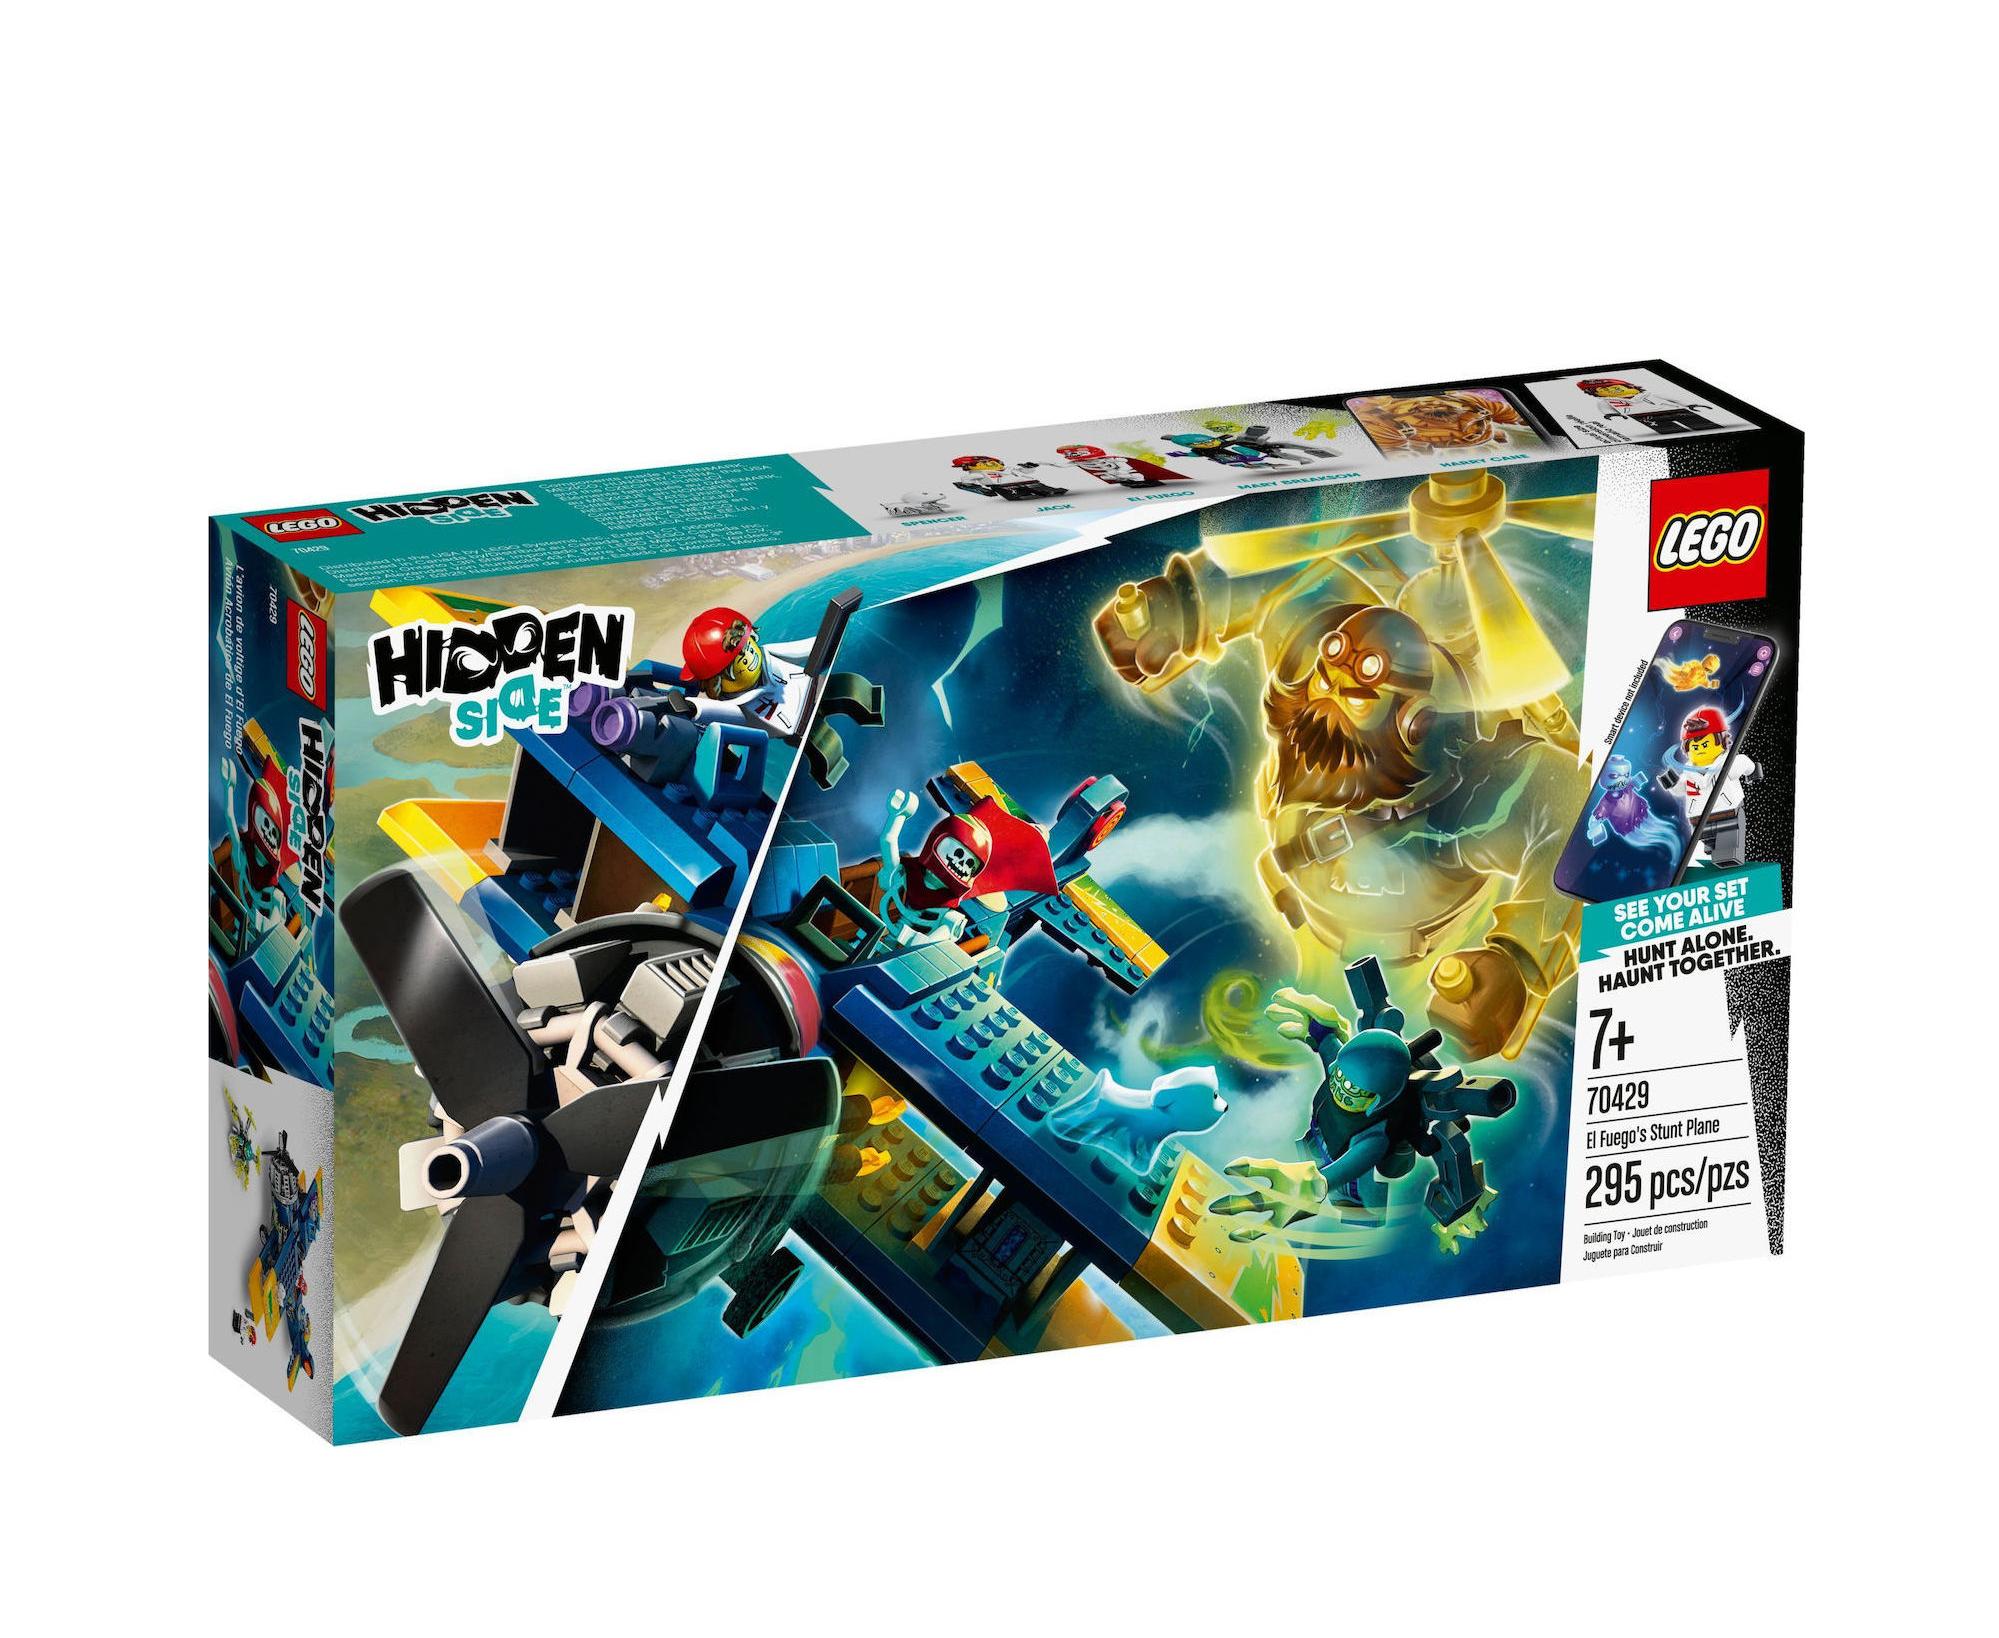 Lego Hidden Side: El Fuego's Stunt Plane 70429